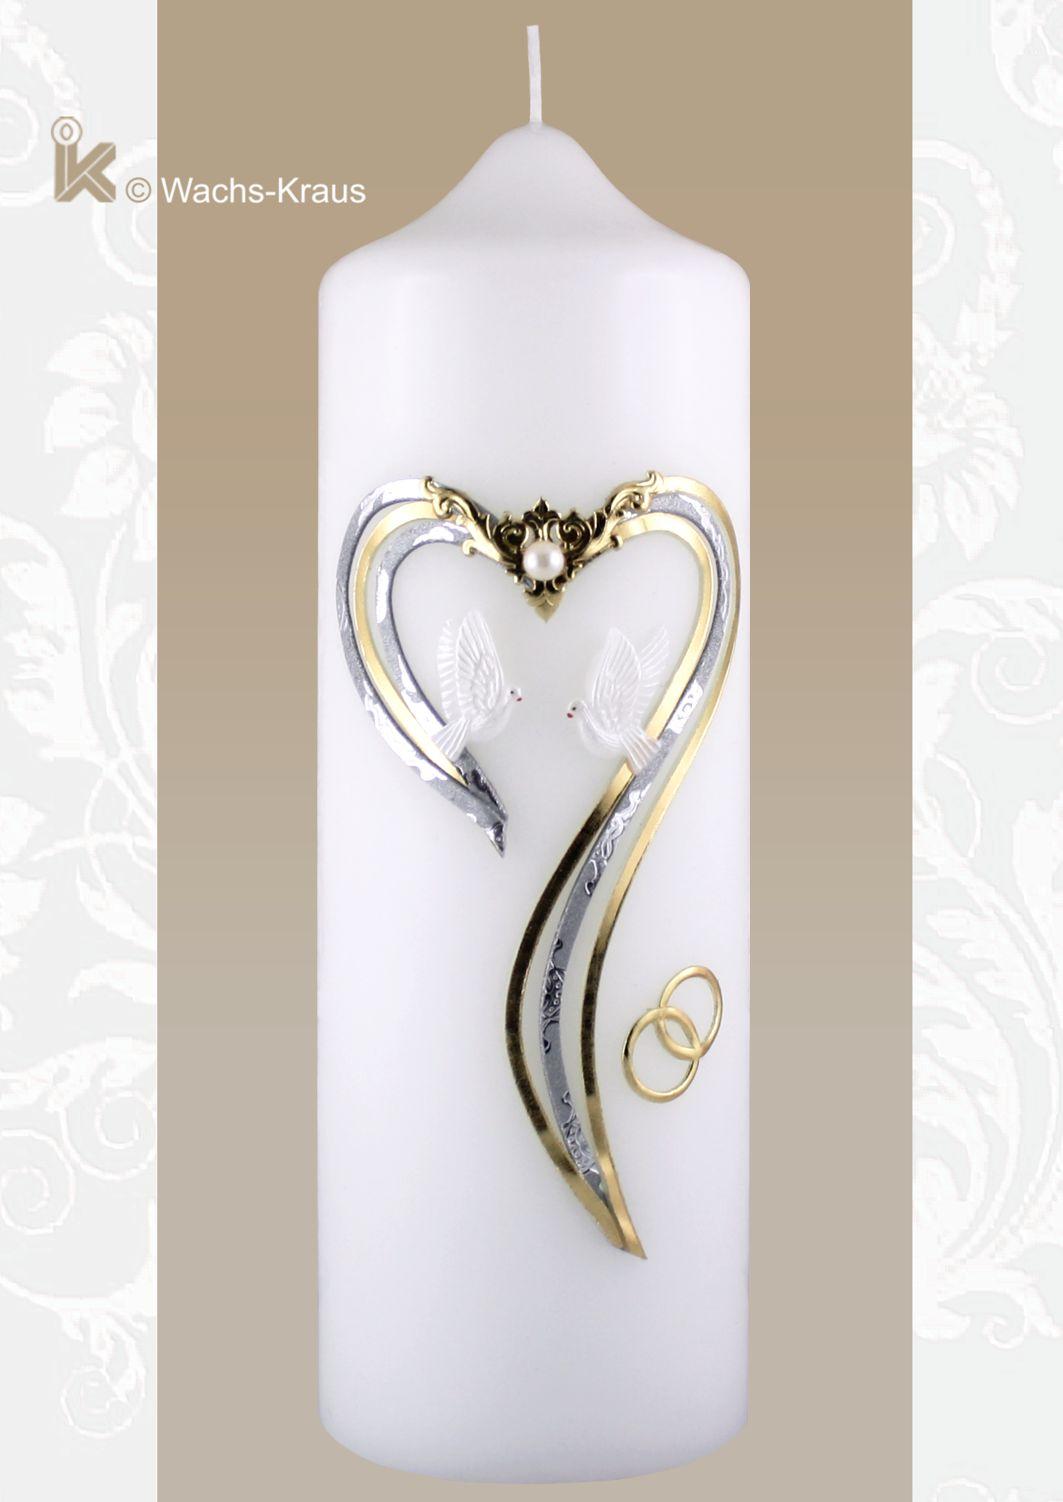 Zauberhafte Hochzeitskerze mit nach unten offenen Herz in Gold und geprägtem Silber, aus Wachs gegossenen Tauben,  Perle und goldenen Ringen.